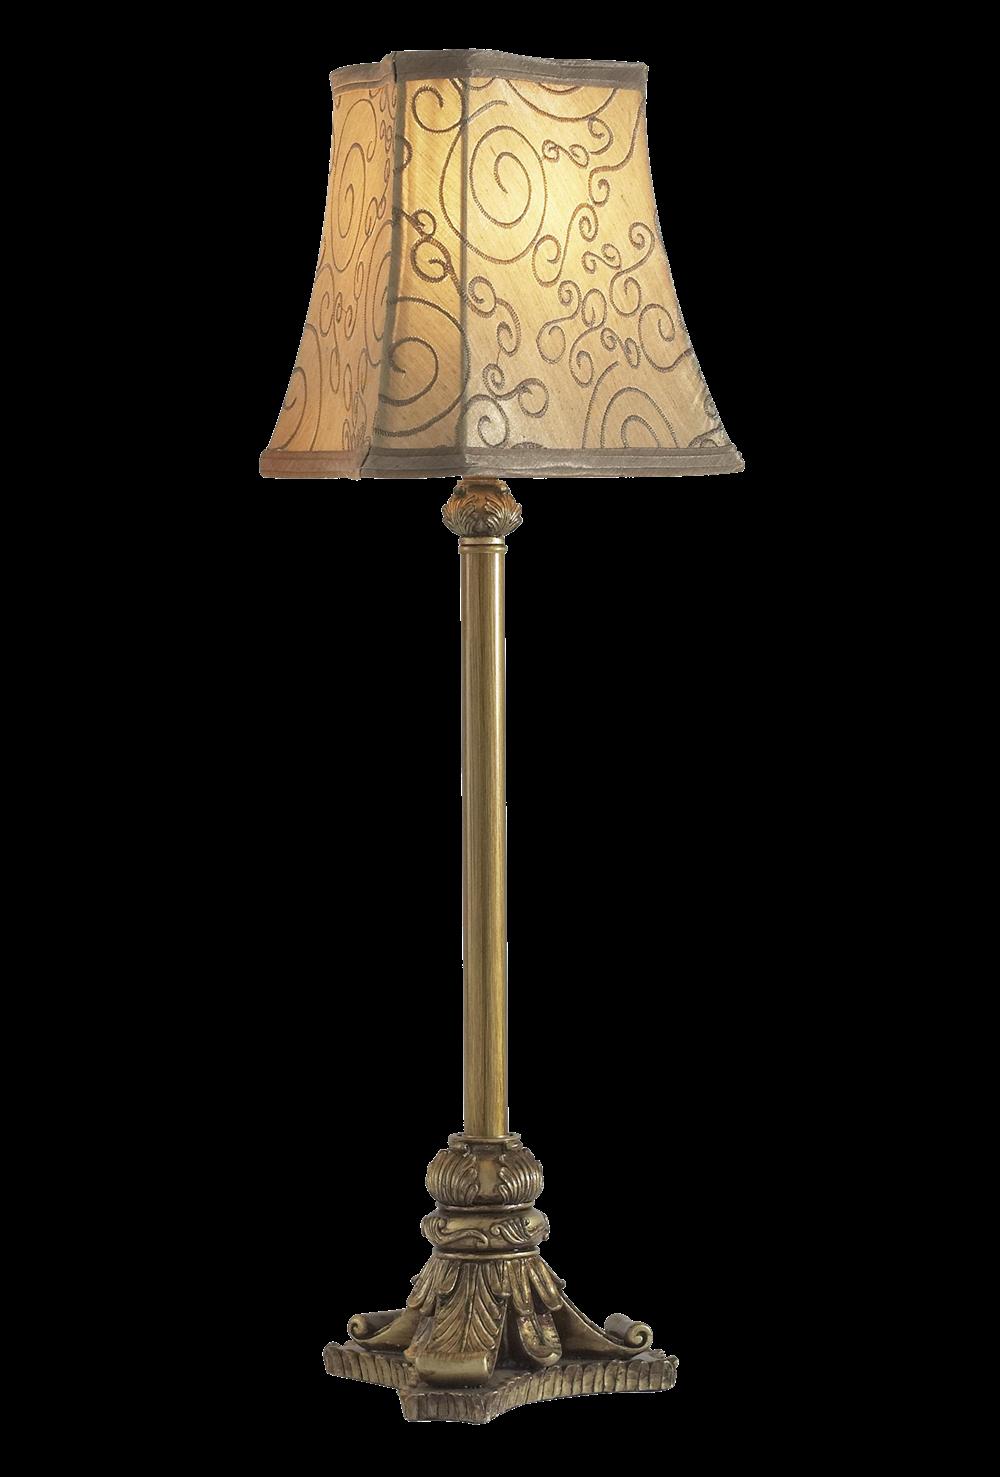 Download PNG Image   Lamp Png 561